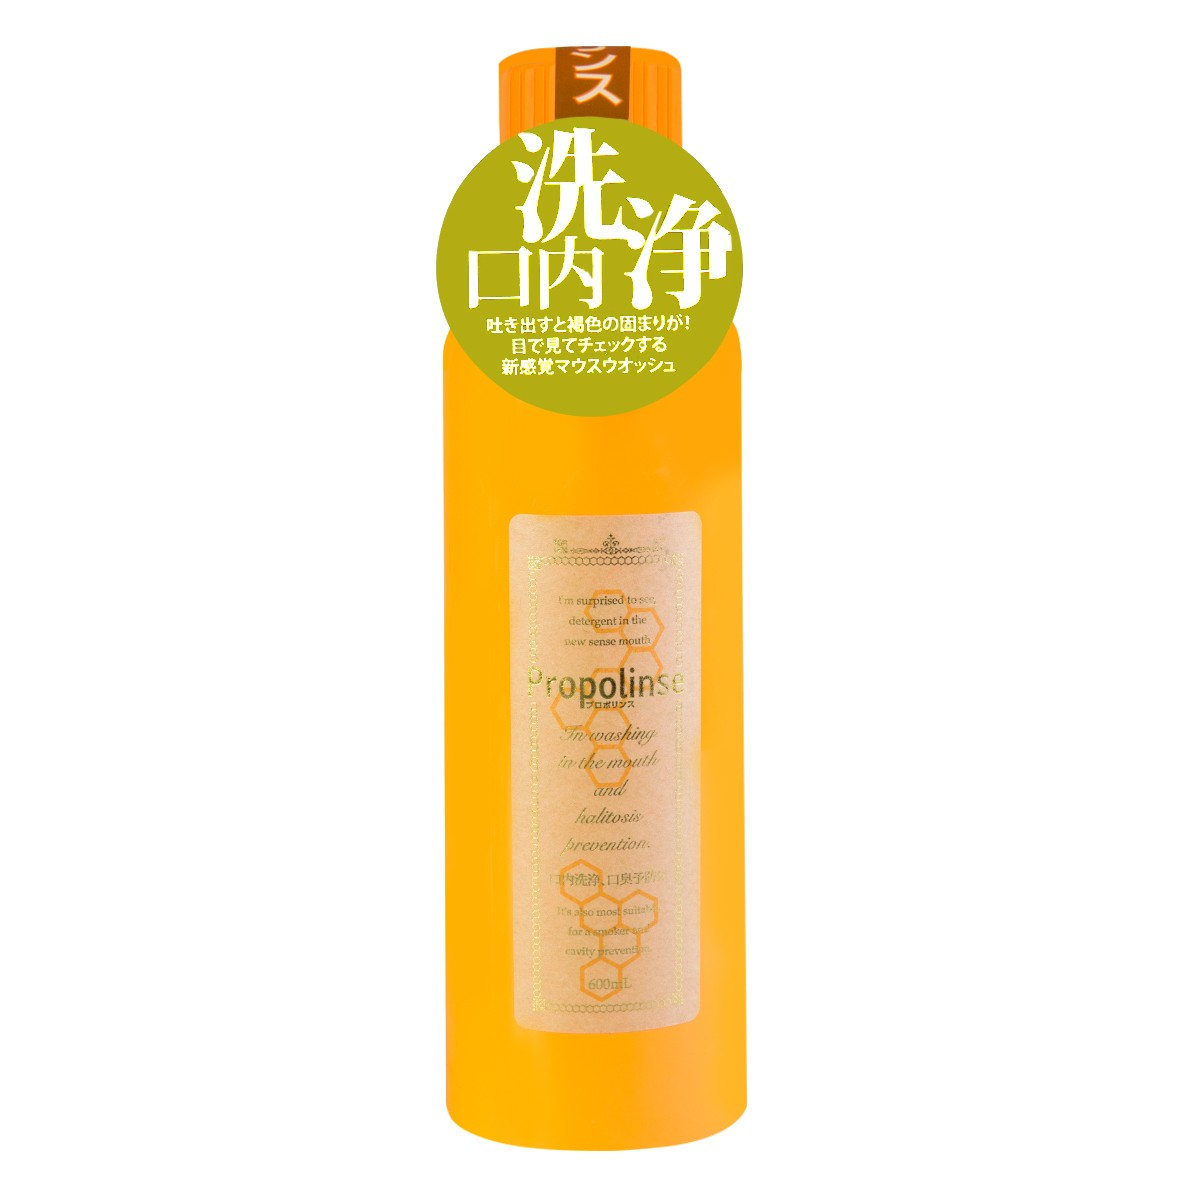 日本PROPOLINSE比那氏 蜂胶复合洗漱口水 600ml